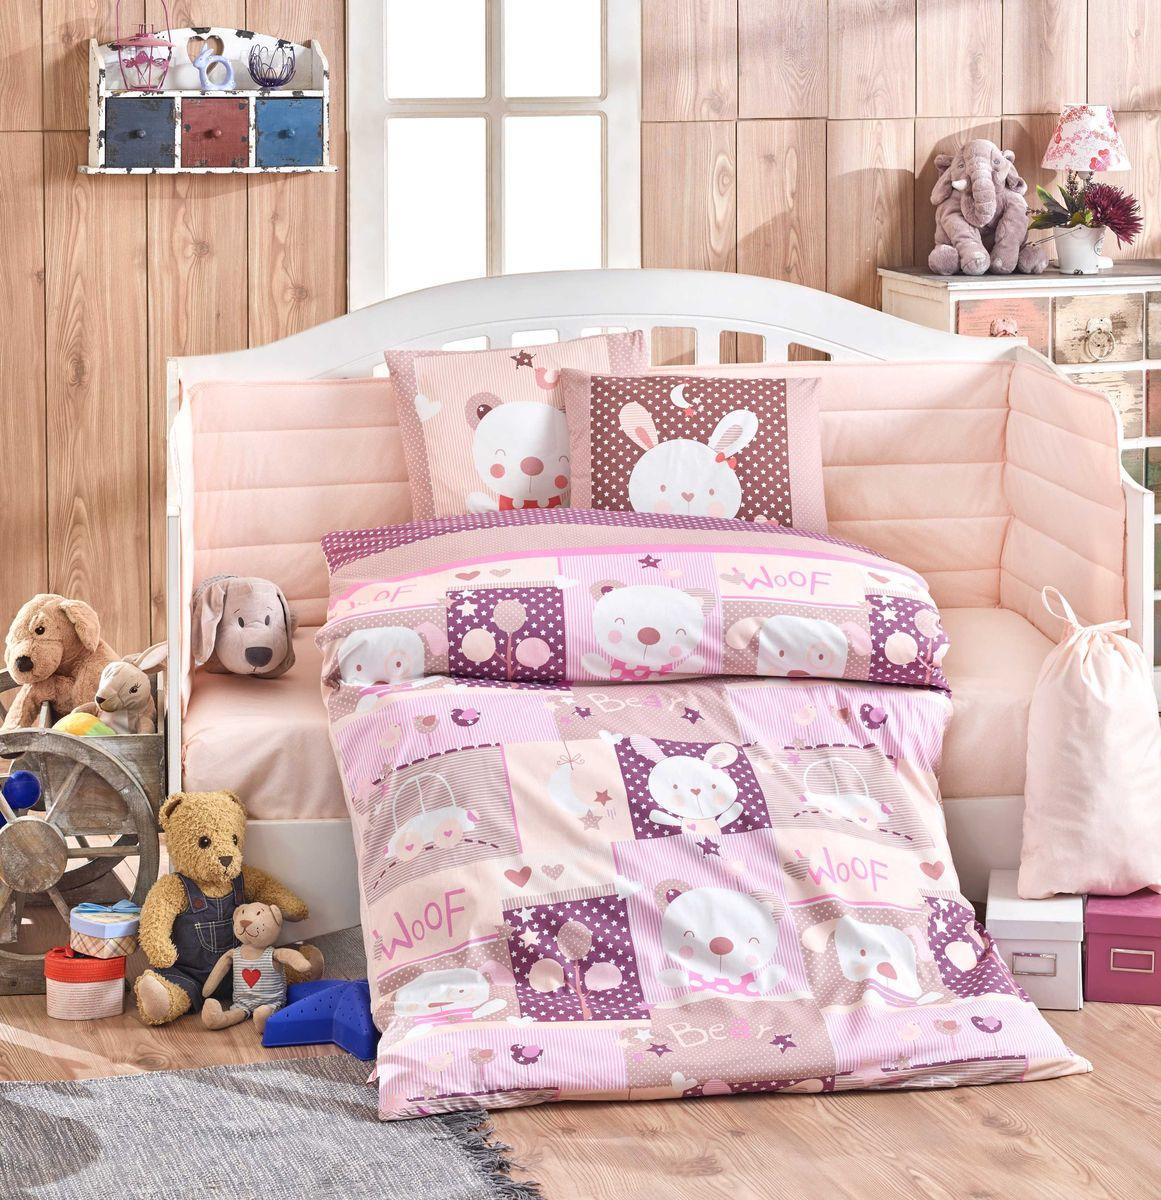 цена Комплект постельного белья Hobby Home Collection Snoopy, с одеялом, наволочки 35x45, цвет: розовый. 1501002166 онлайн в 2017 году